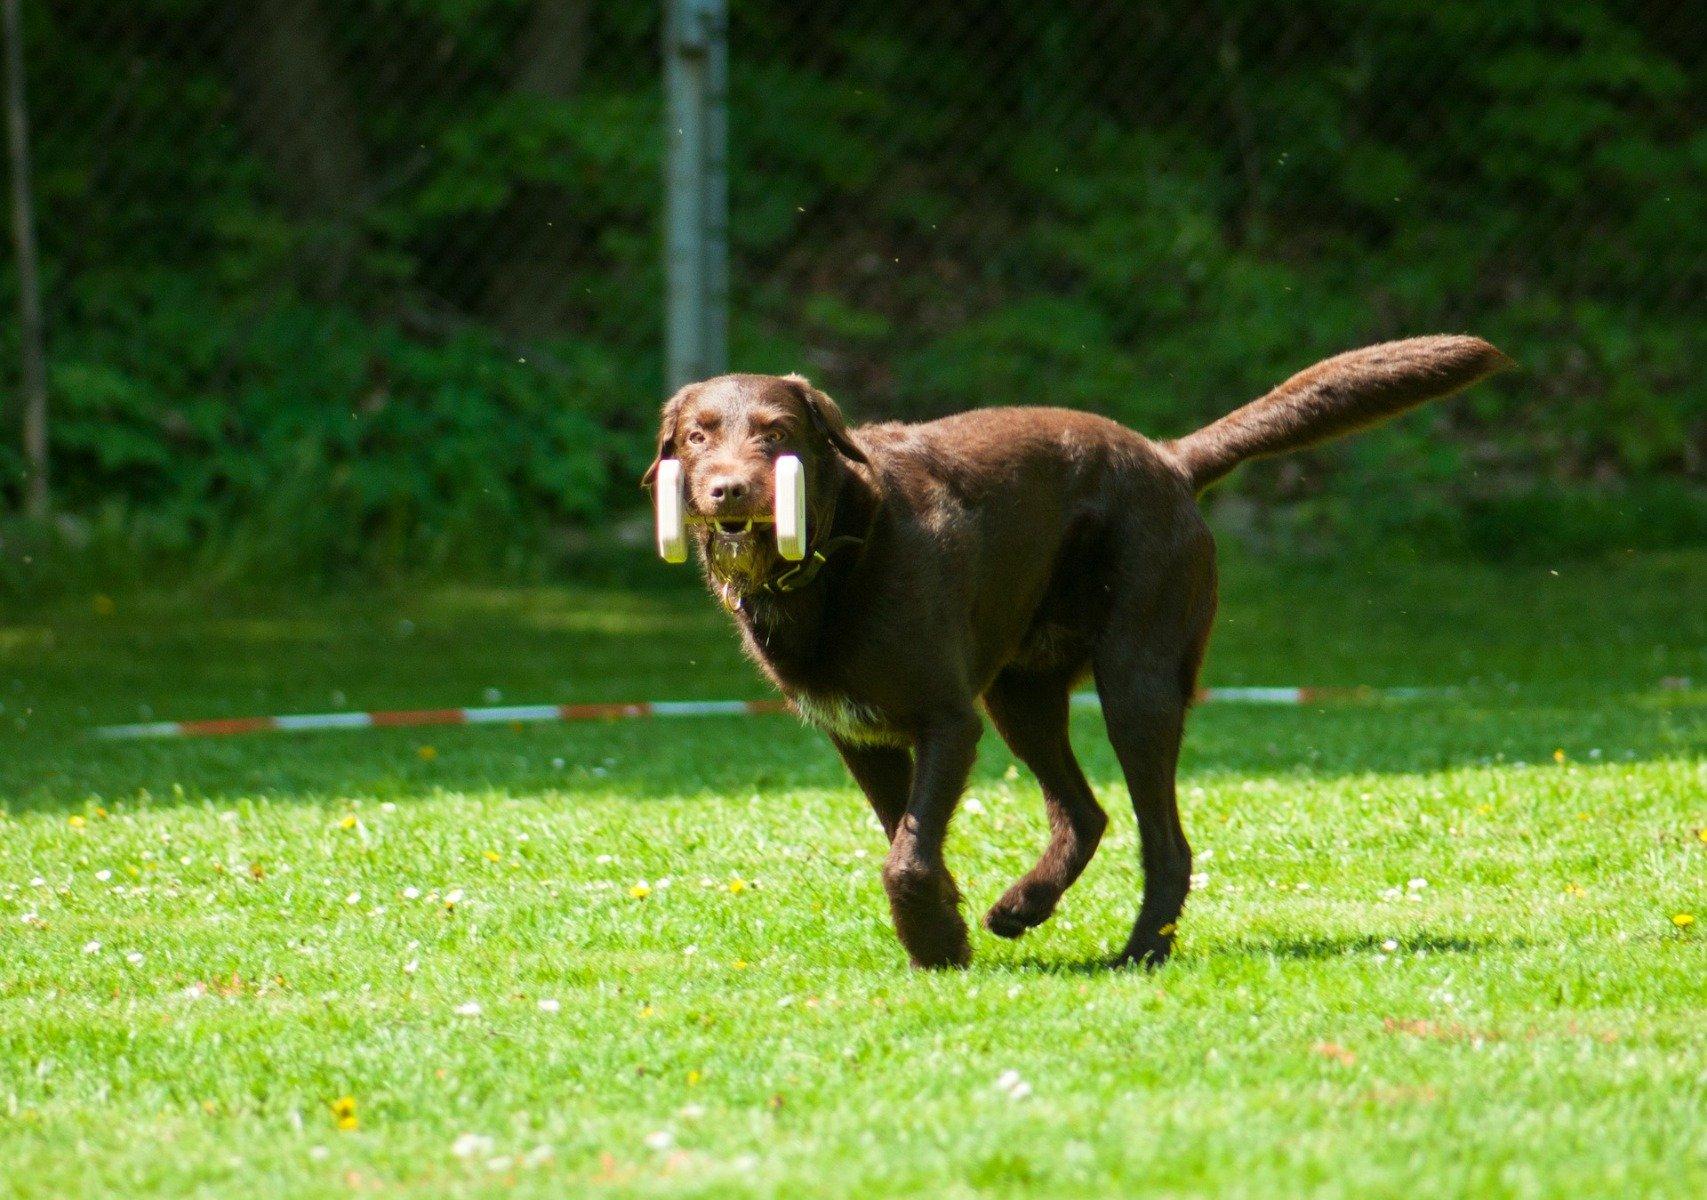 Hund rennt mit Gegenstand